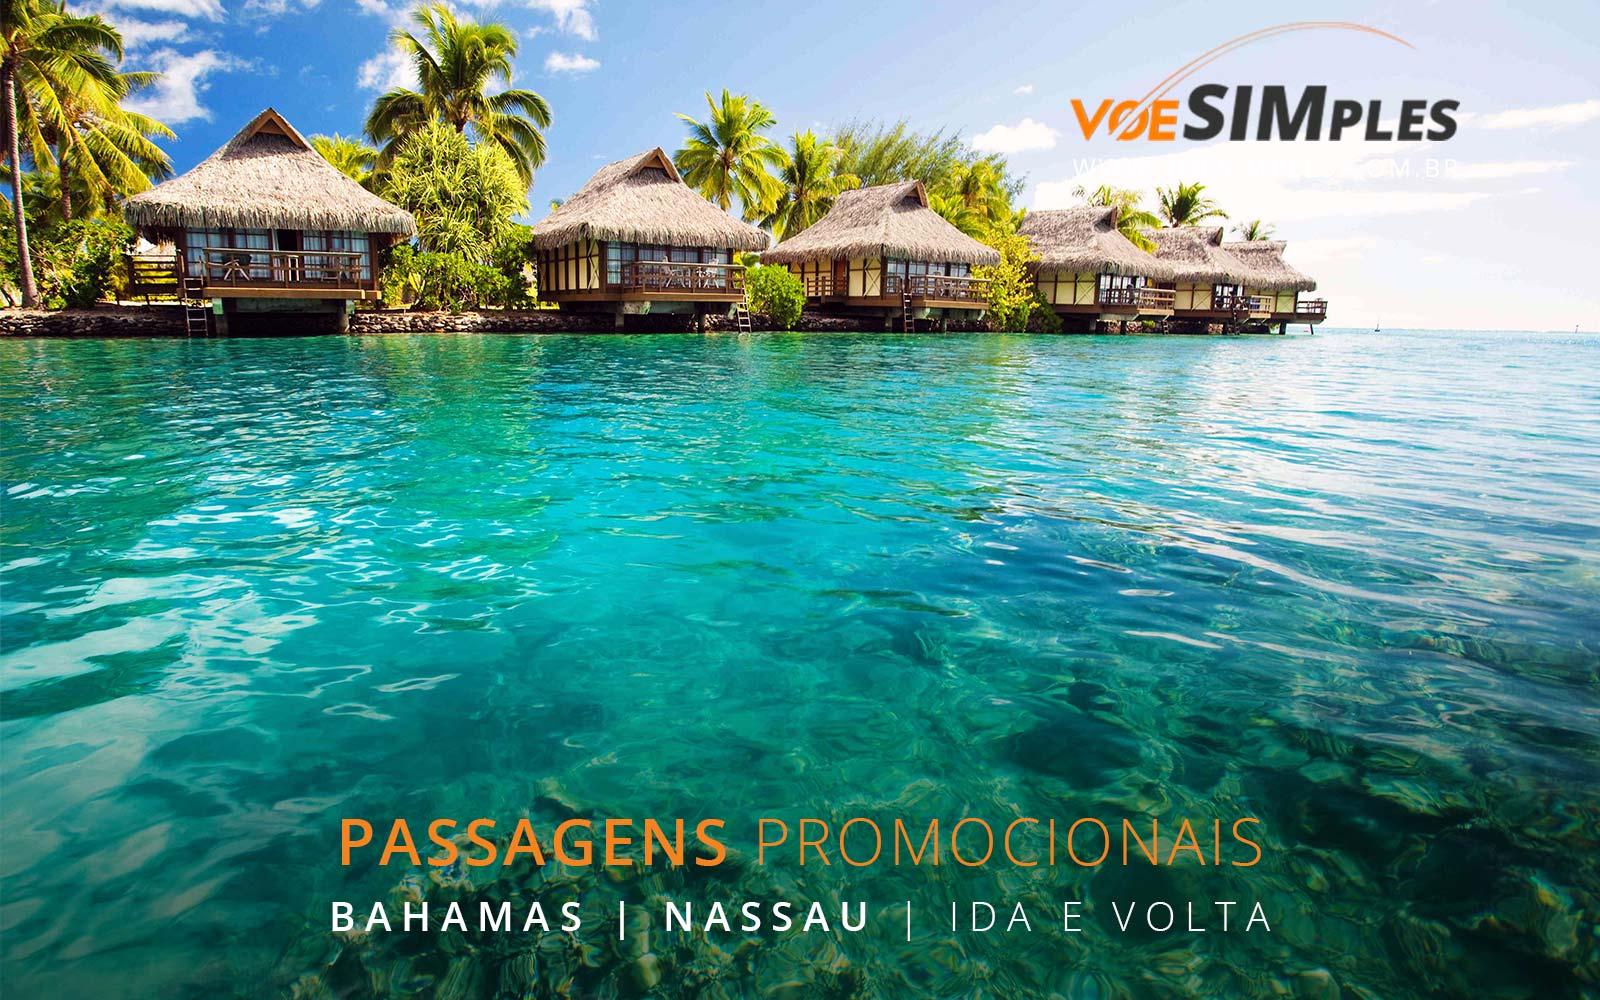 Promoção de passagens aéreas para as Bahamas